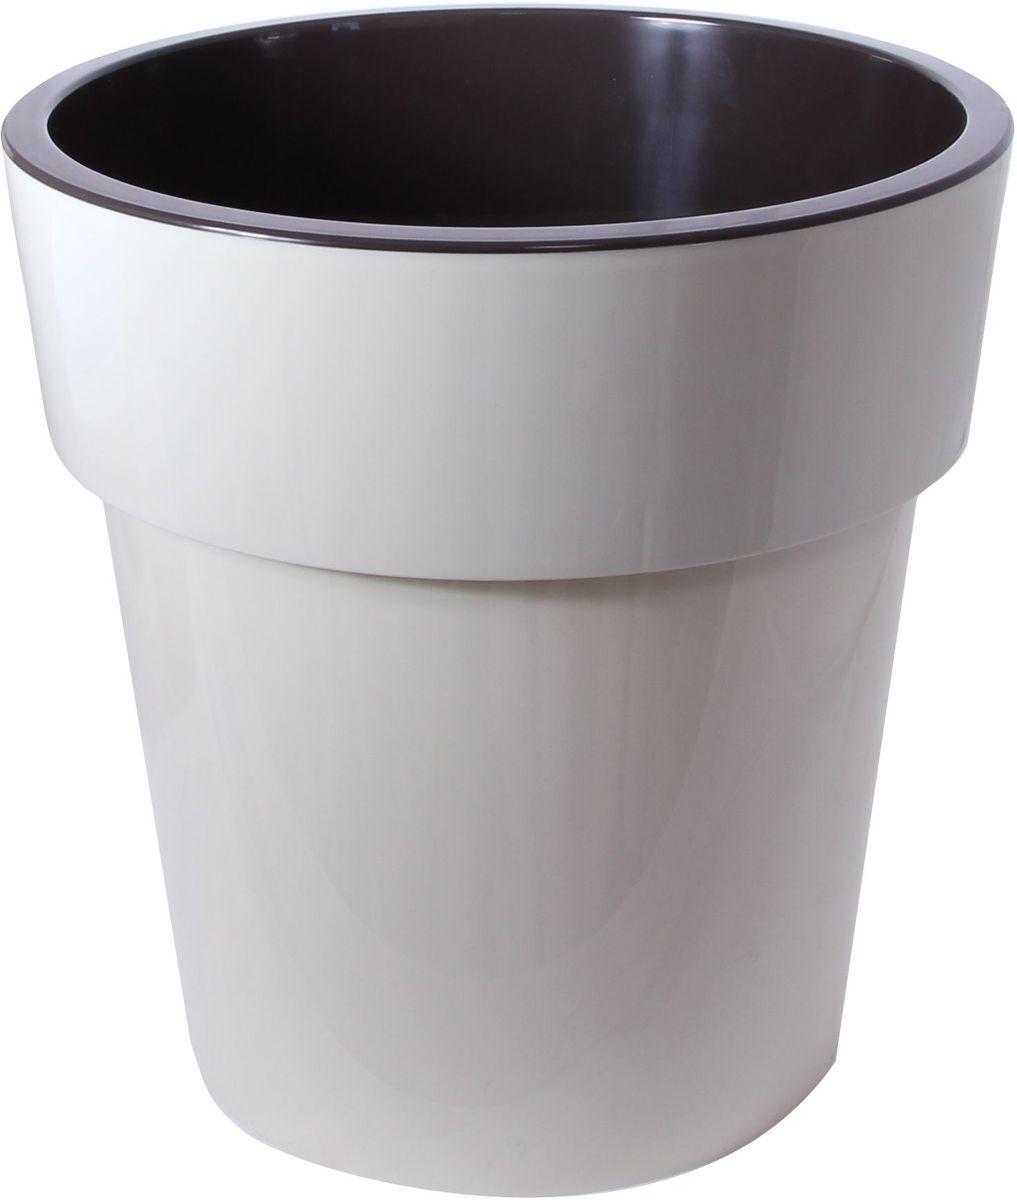 Кашпо Idea Тубус, цвет: белый, диаметр 15 смМ 3164Кашпо Idea Тубус изготовлено из прочного пластика. Изделие прекрасно подходит для выращивания растений и цветов в домашних условиях. Стильный современный дизайн органично впишется в интерьер помещения.Диаметр кашпо: 15 см. Высота кашпо: 15 см.